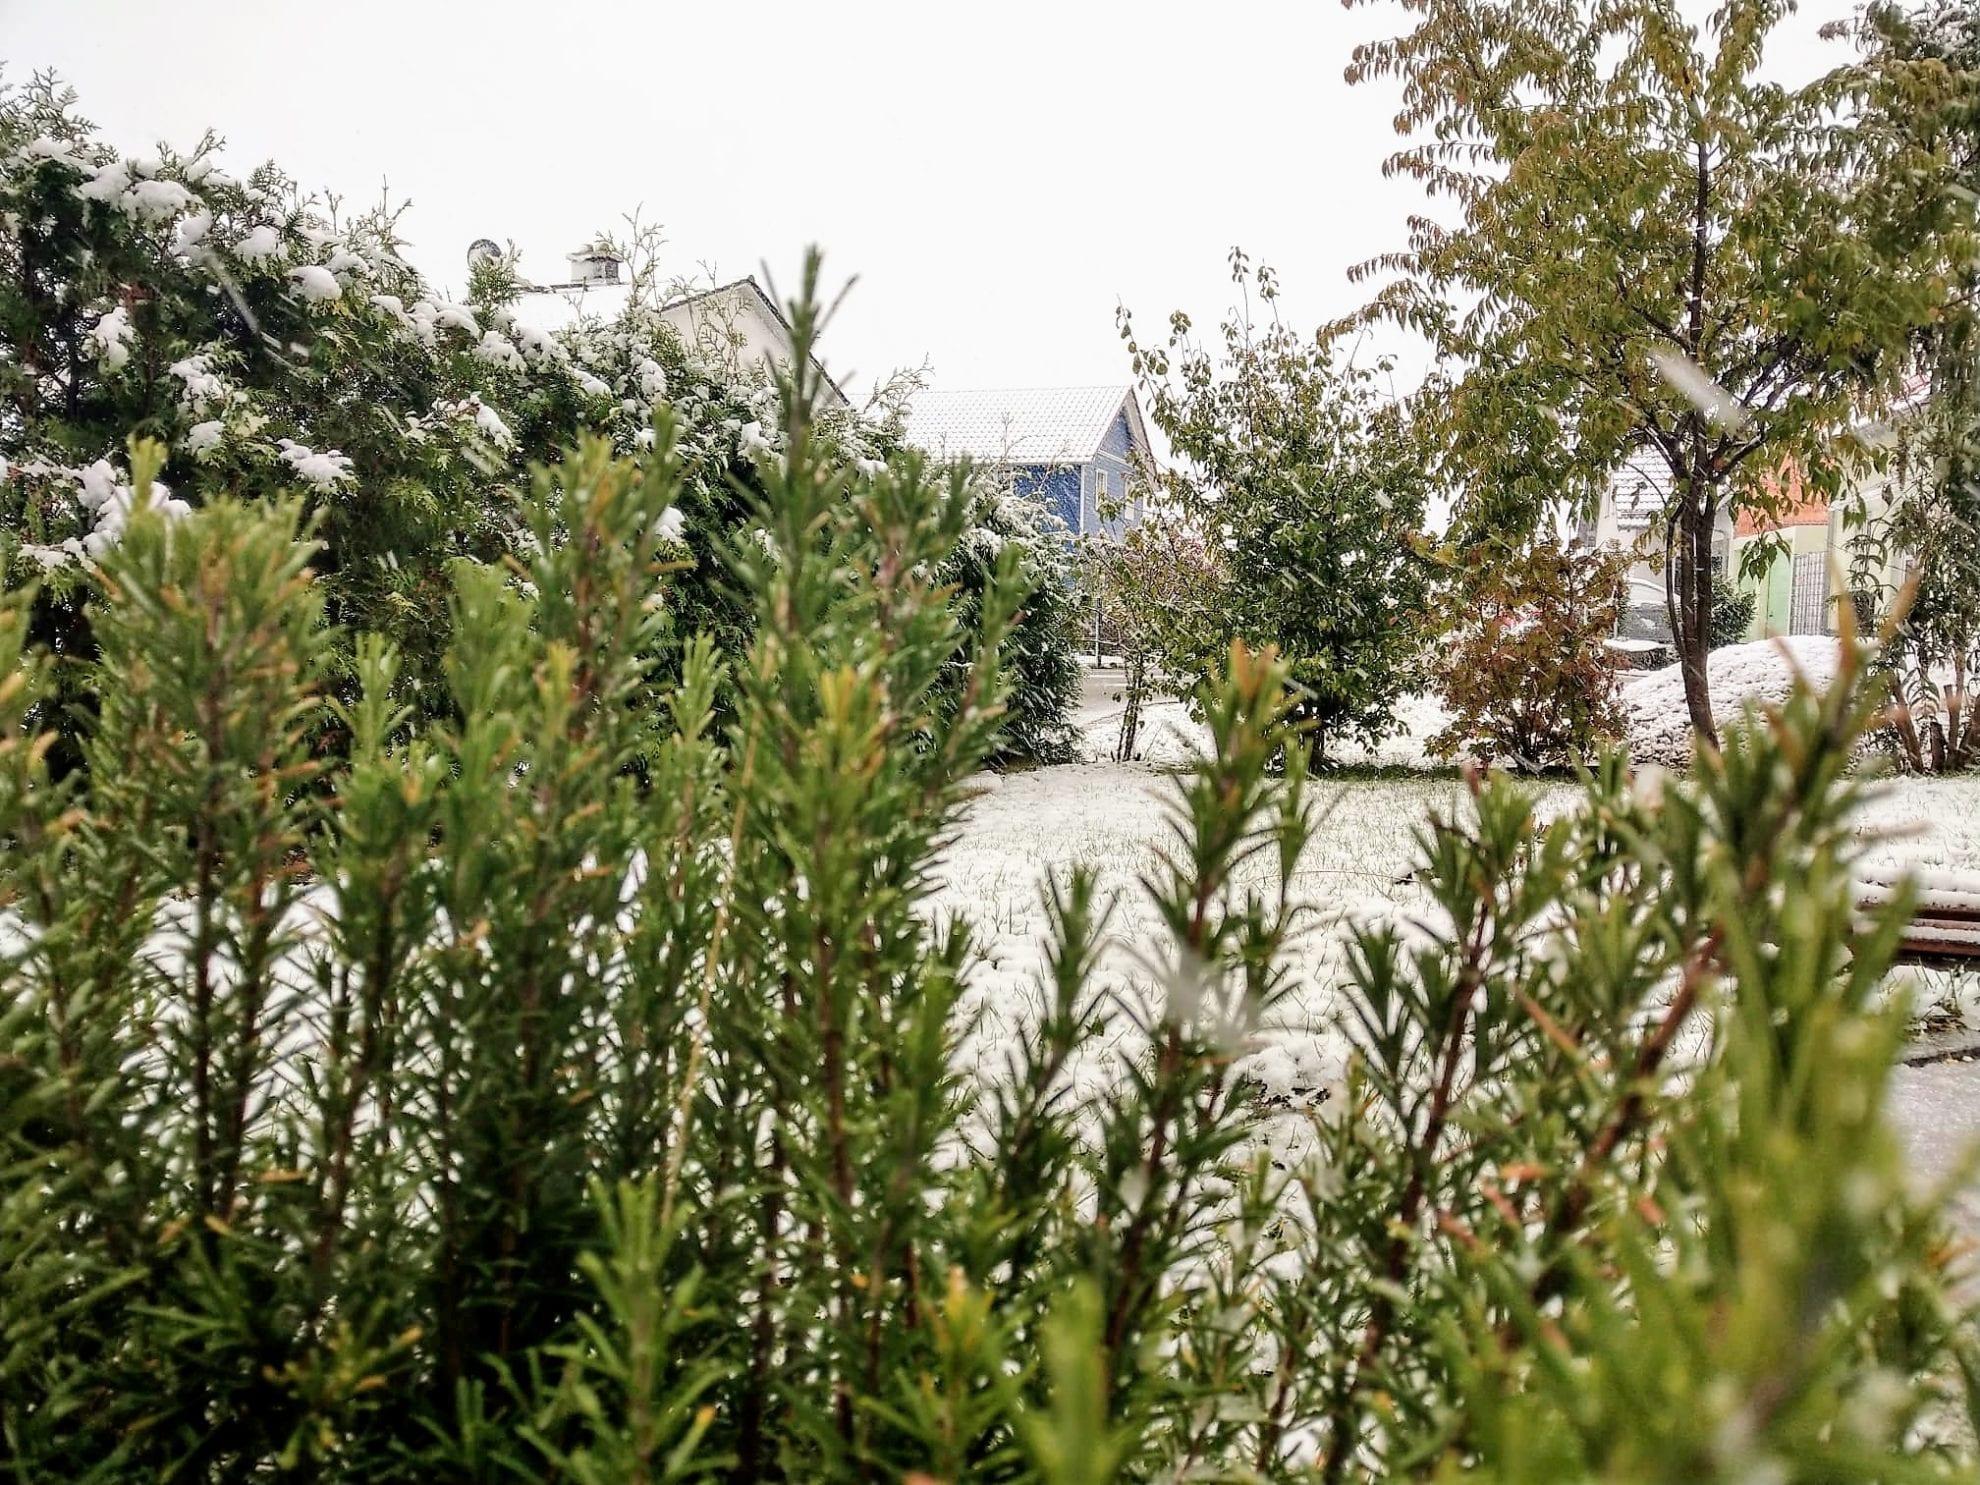 WIB am 28.10.18 mit dem ersten Schnee in Bayern